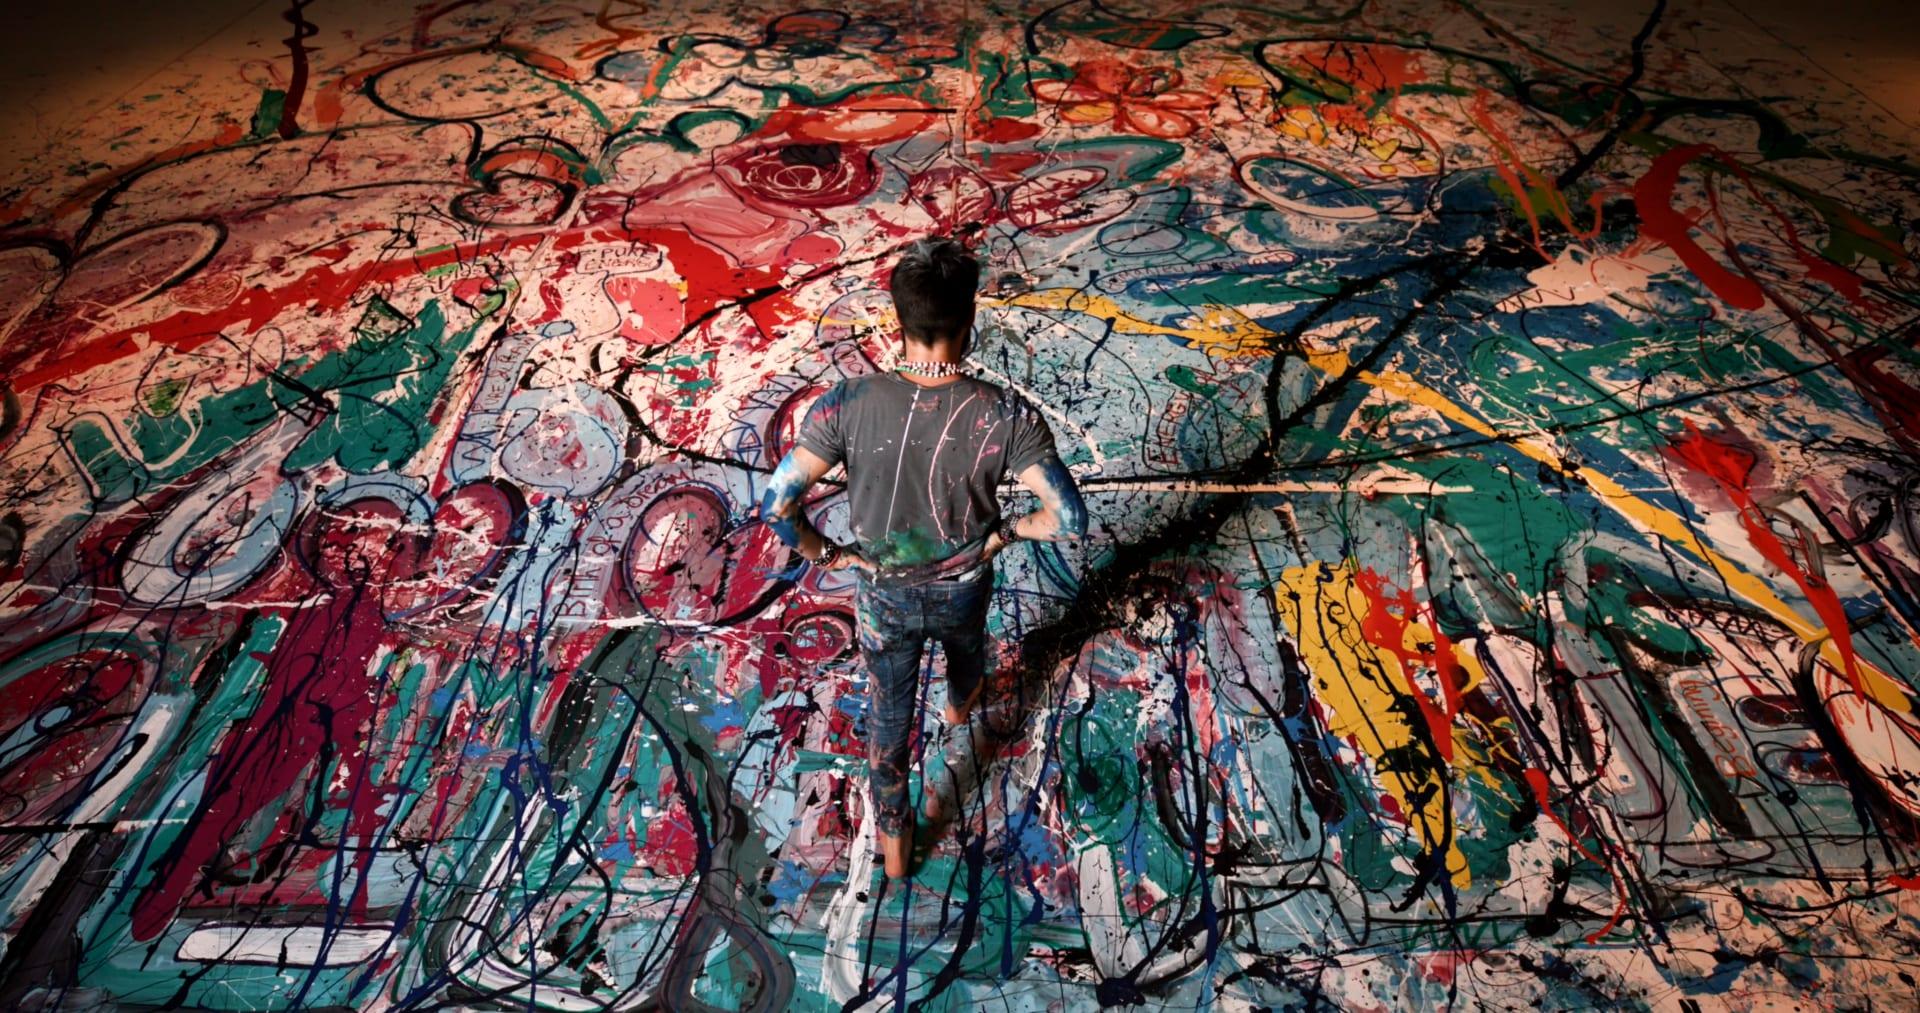 أكبر لوحة فنية في العالم تباع بـ62 مليون دولار في مزاد خيري في دبي